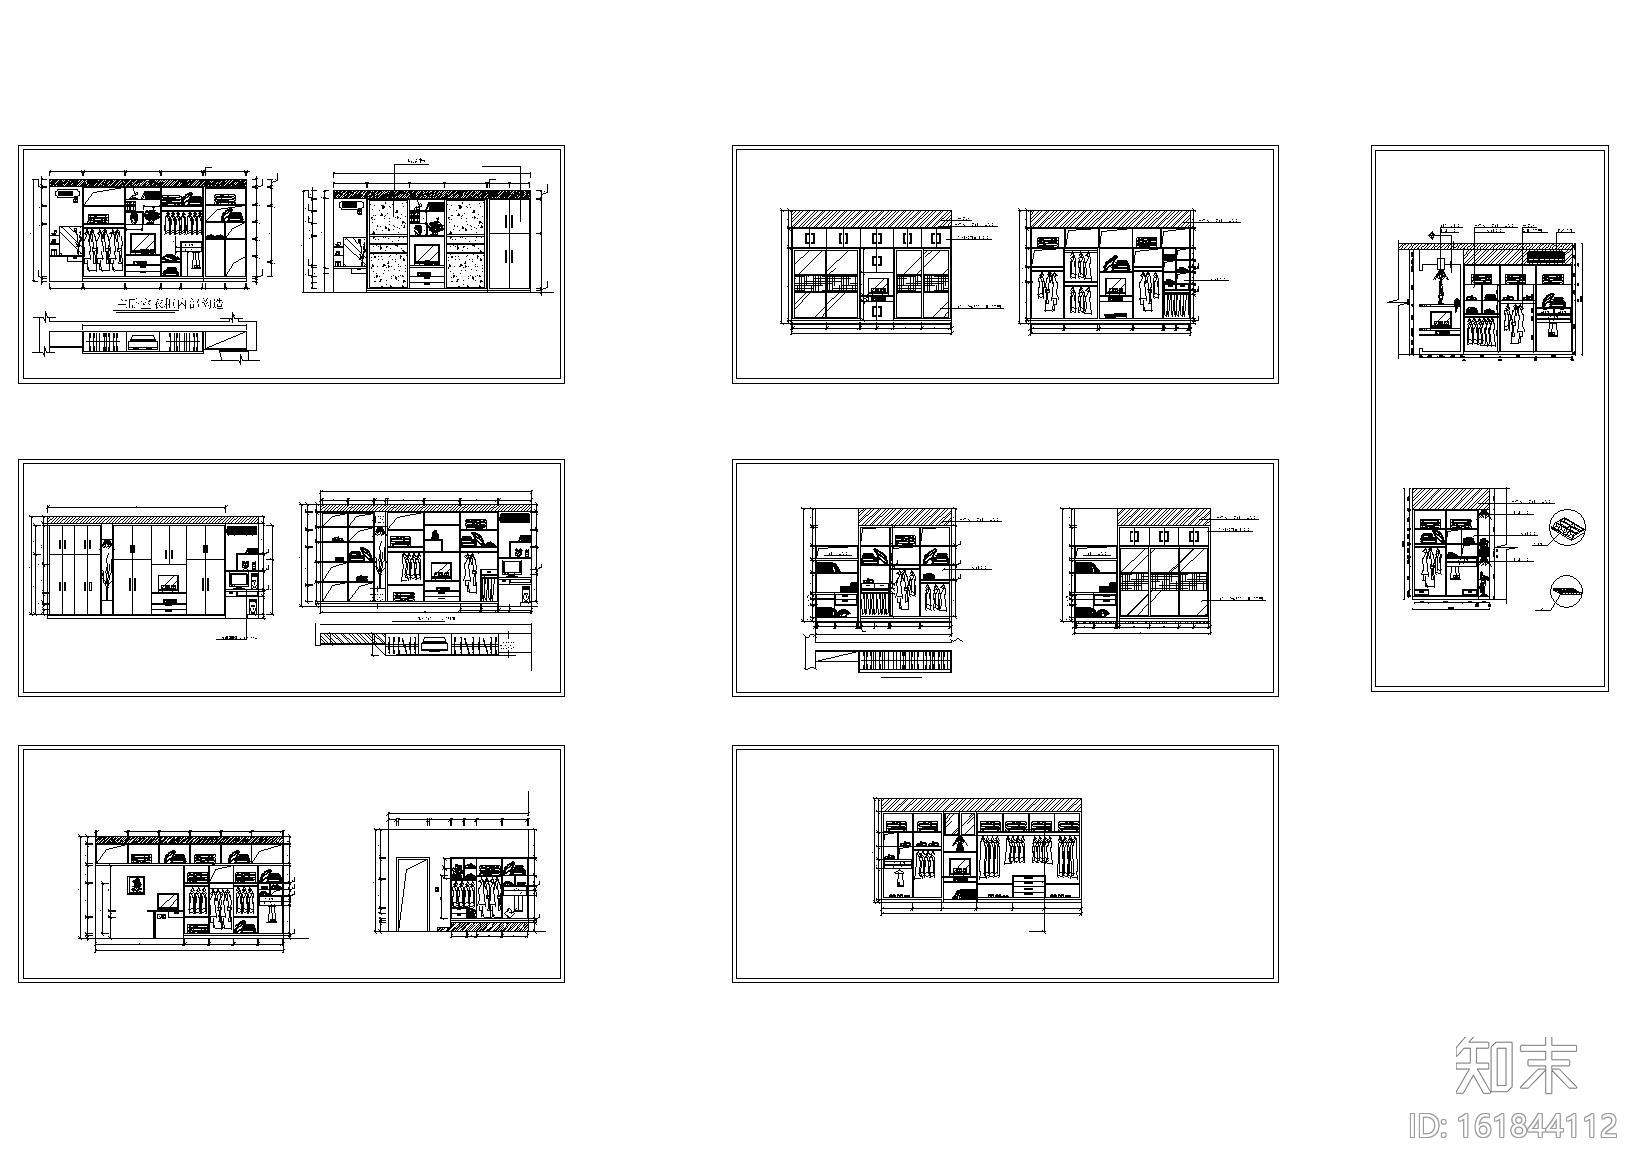 500款-综合衣柜图例图块图集施工图下载【ID:161844112】